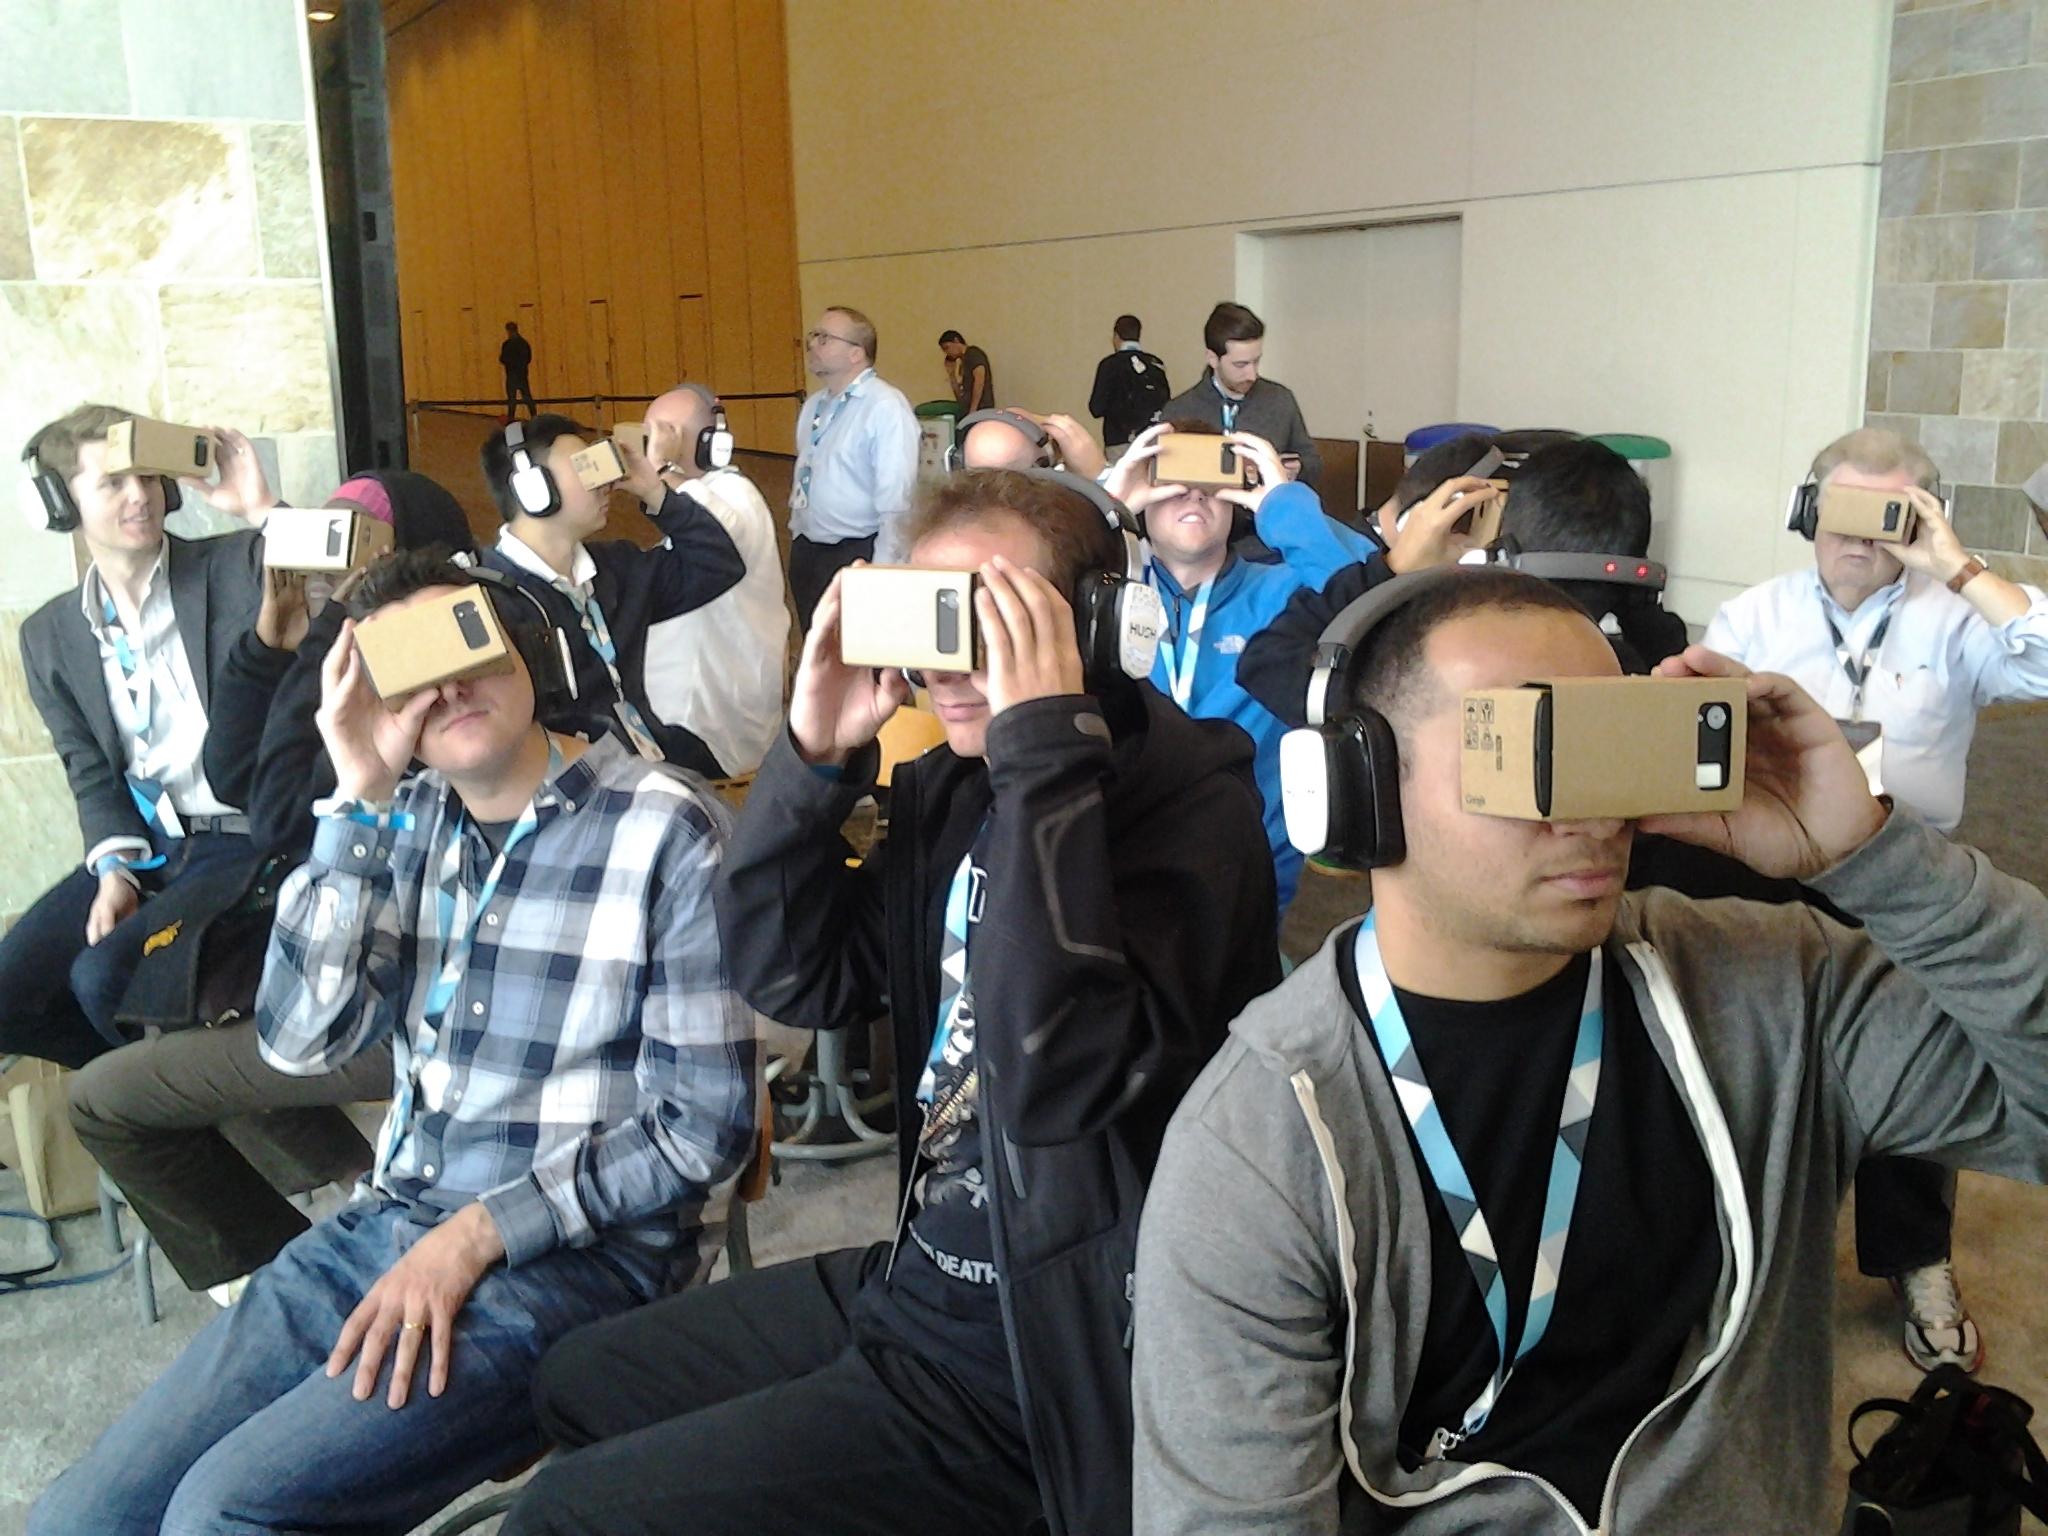 Ces gens sont actuellement en train de voyager sur Mars, avec le Google Cardboard (les lunettes de réalité virtuelle en carton a faire soi même de Google). via Motherboard (en anglais)